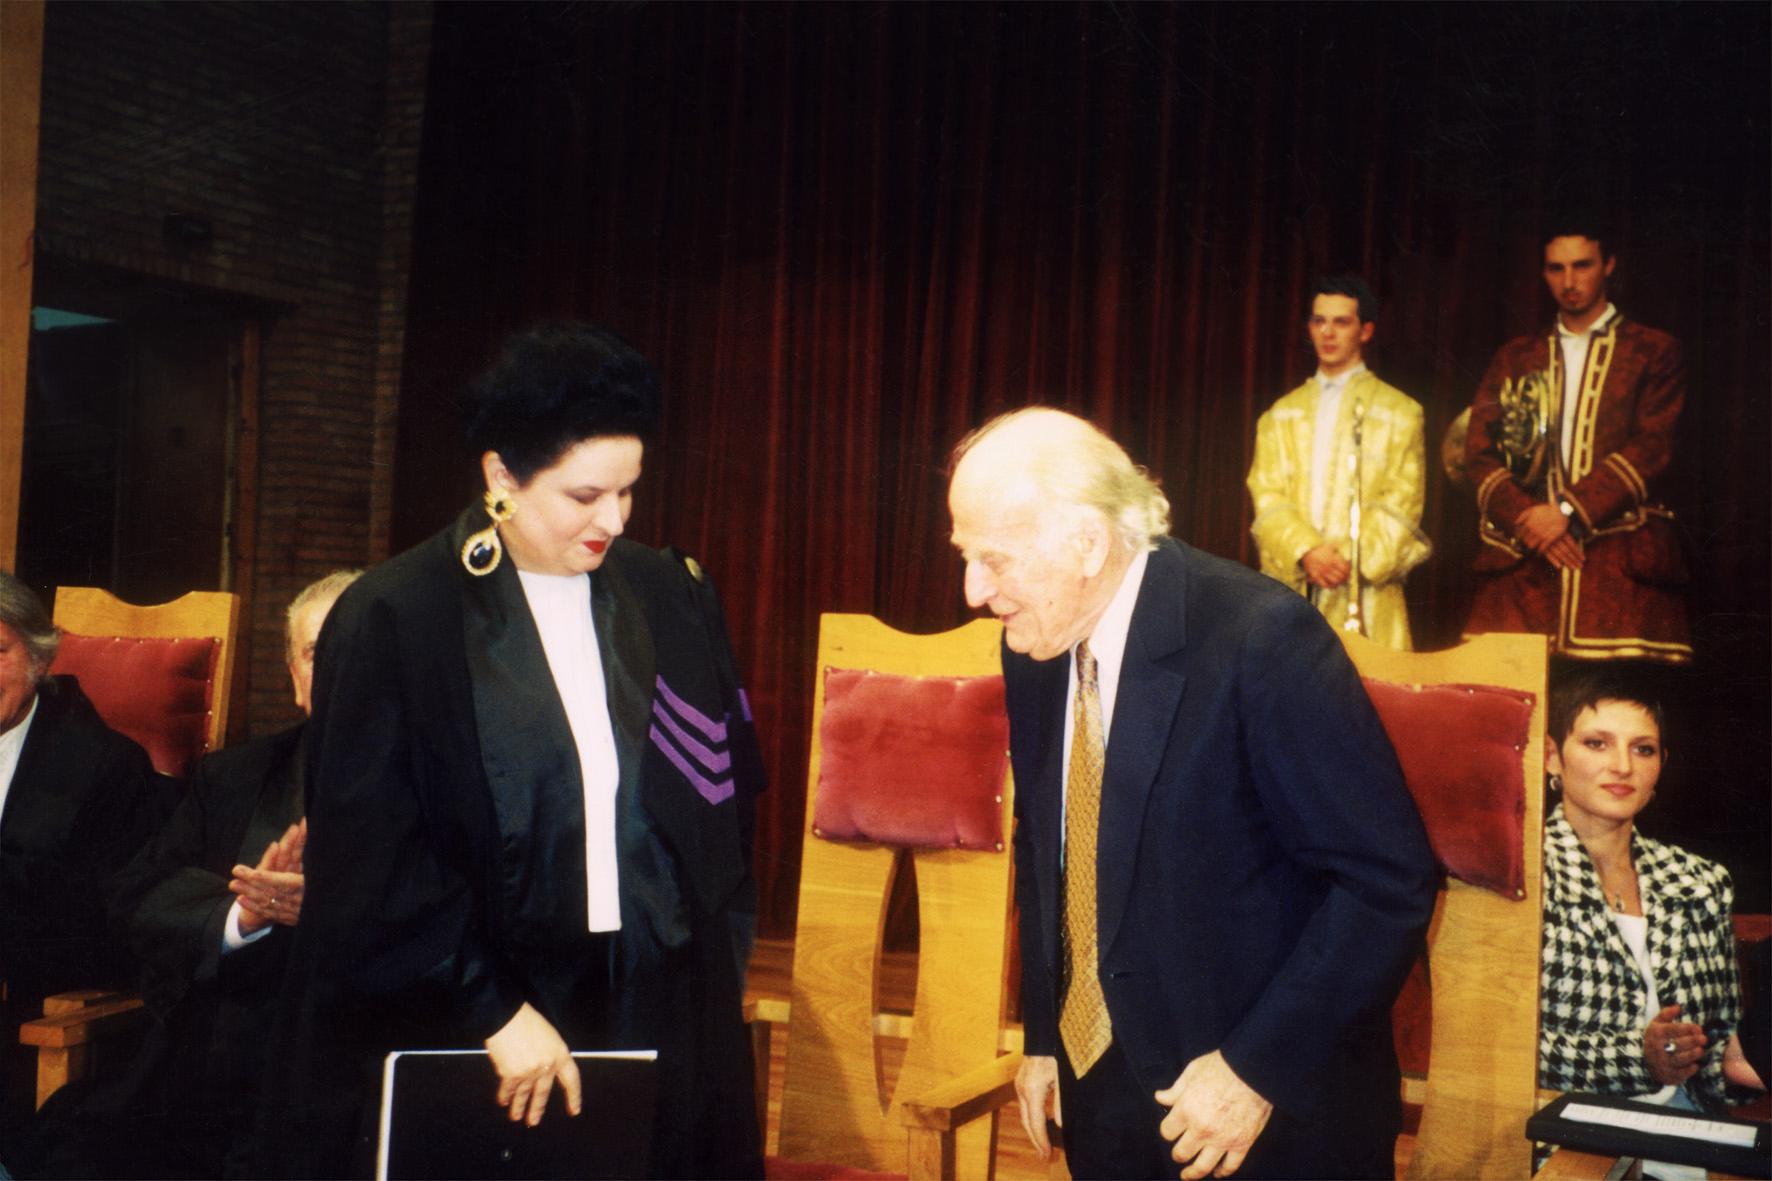 """La ceremonia decernării titlului de Doctor Honoris Causa marelui violonist Yehudi Menuhin. Academia de Muzică """"Gheorghe Dima"""", Cluj"""